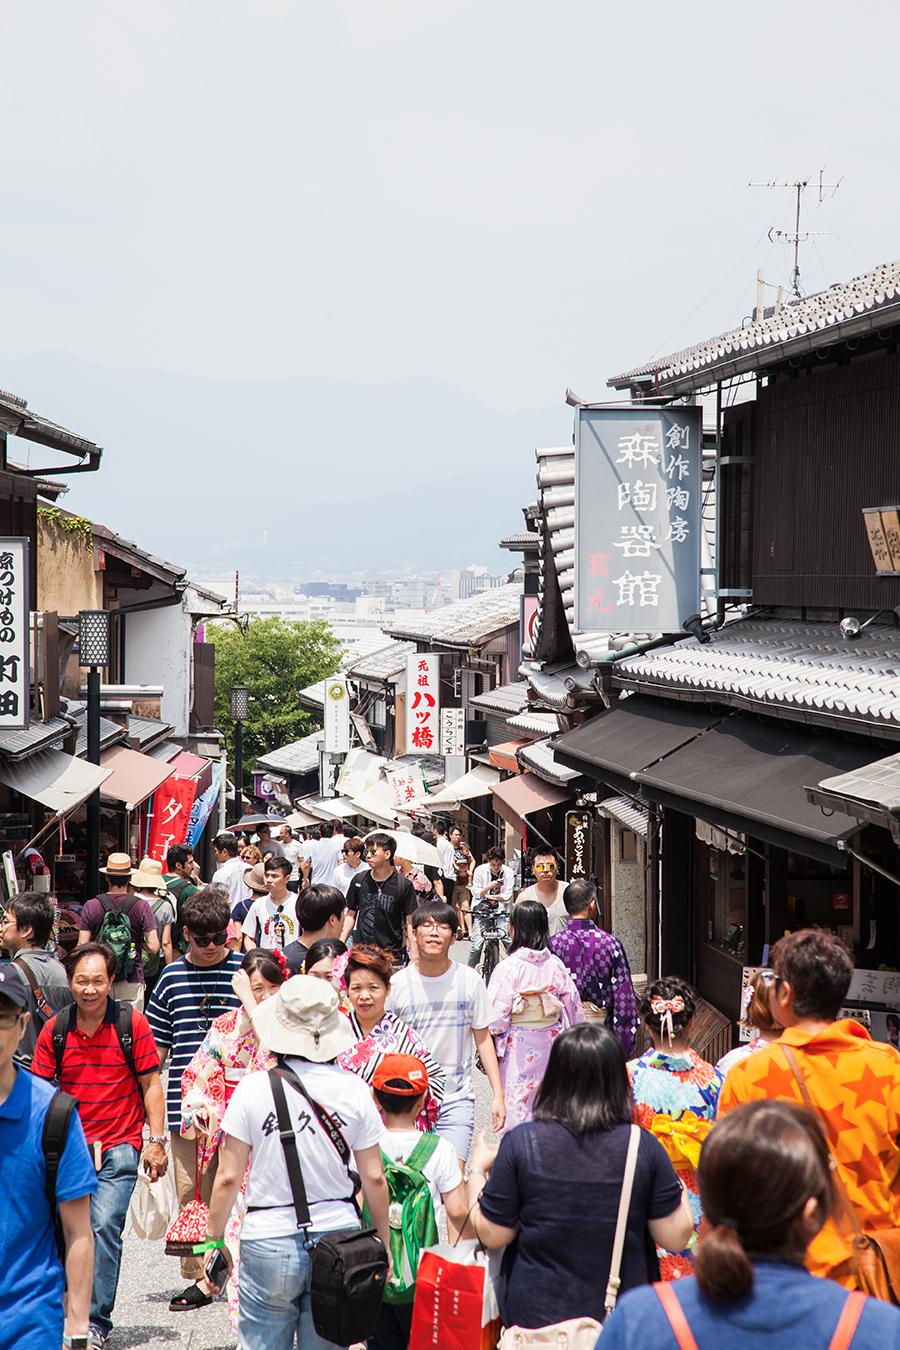 strada in giappone kyoto